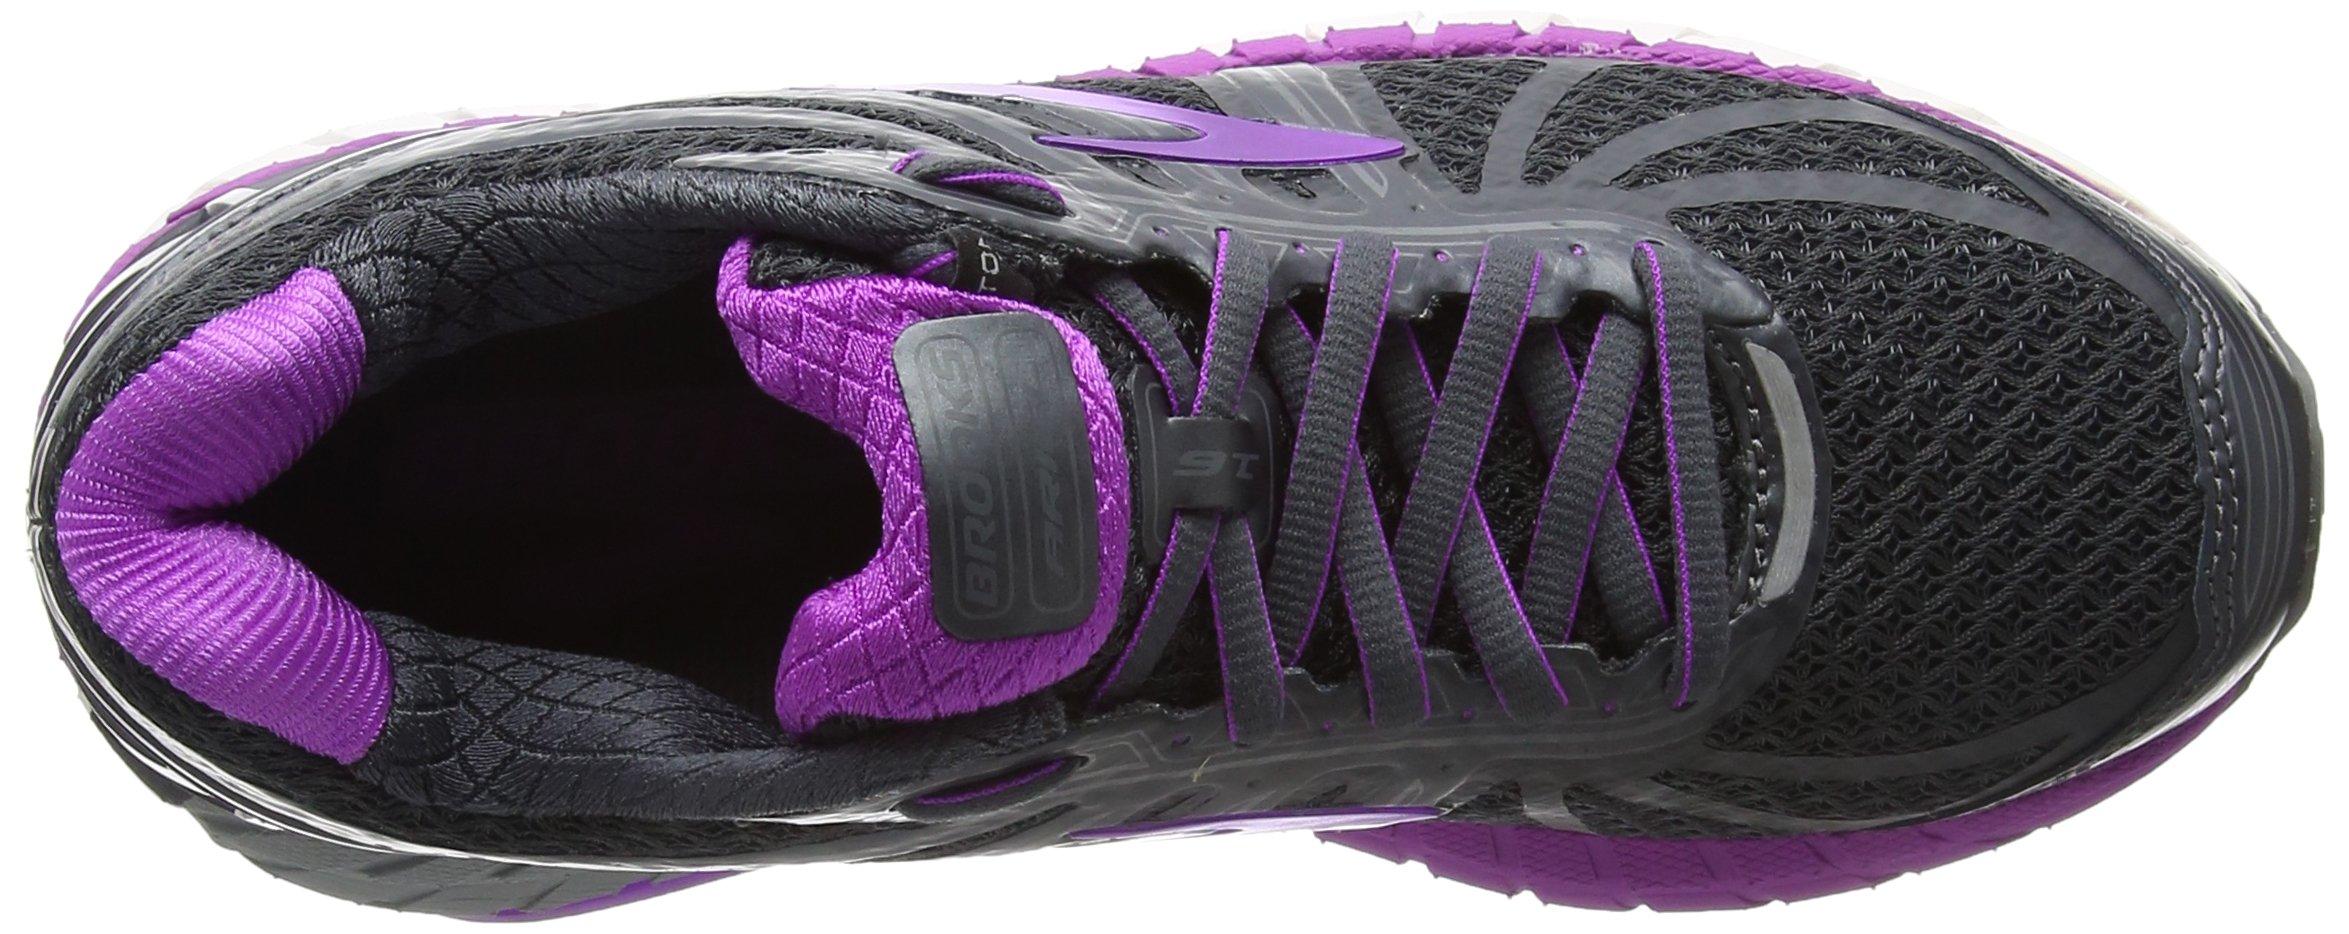 81owGCxUPJL - Brooks Women's Ariel '16 Running Shoes